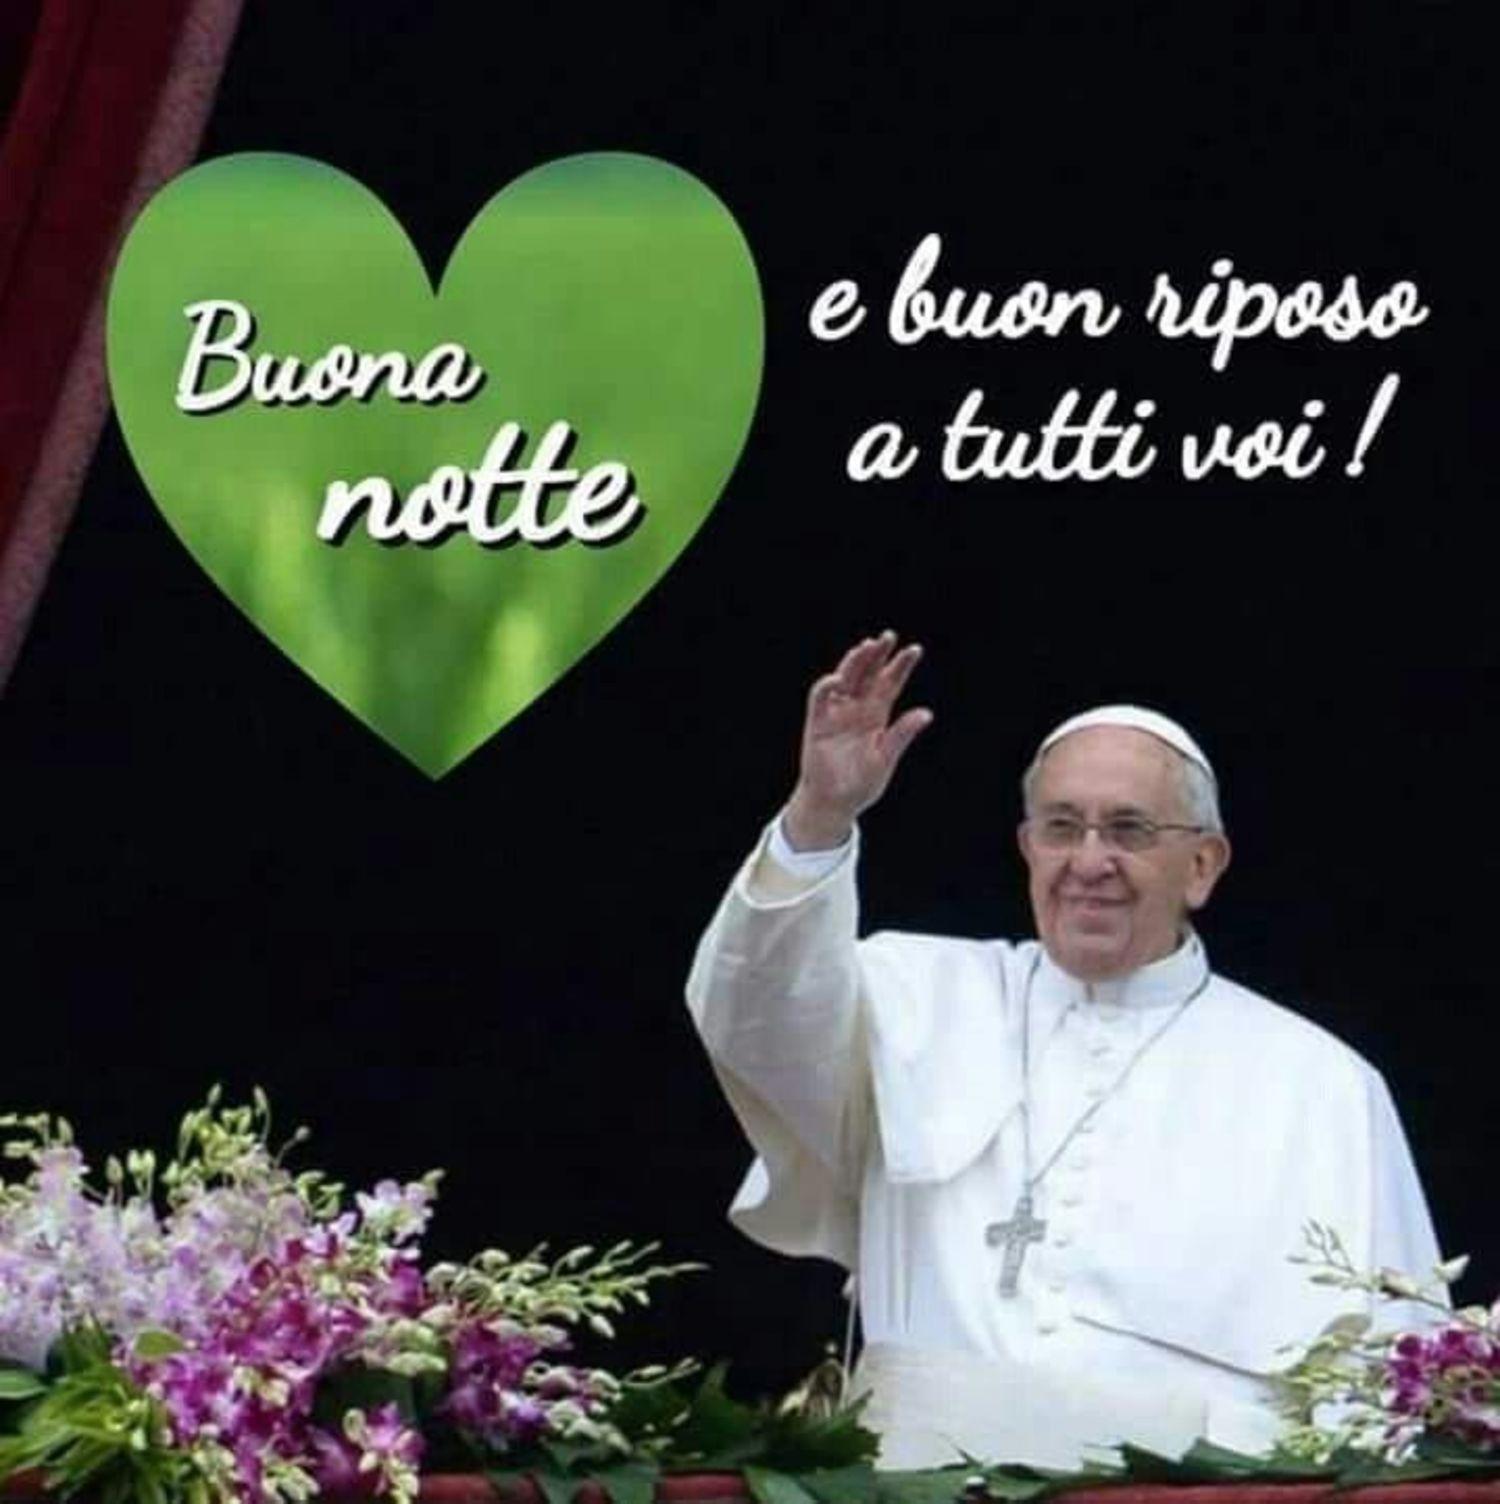 Frasi Di Buonanotte Papa.Buonanotte Immagini Dal Papa Francesco Buongiornocongesu It